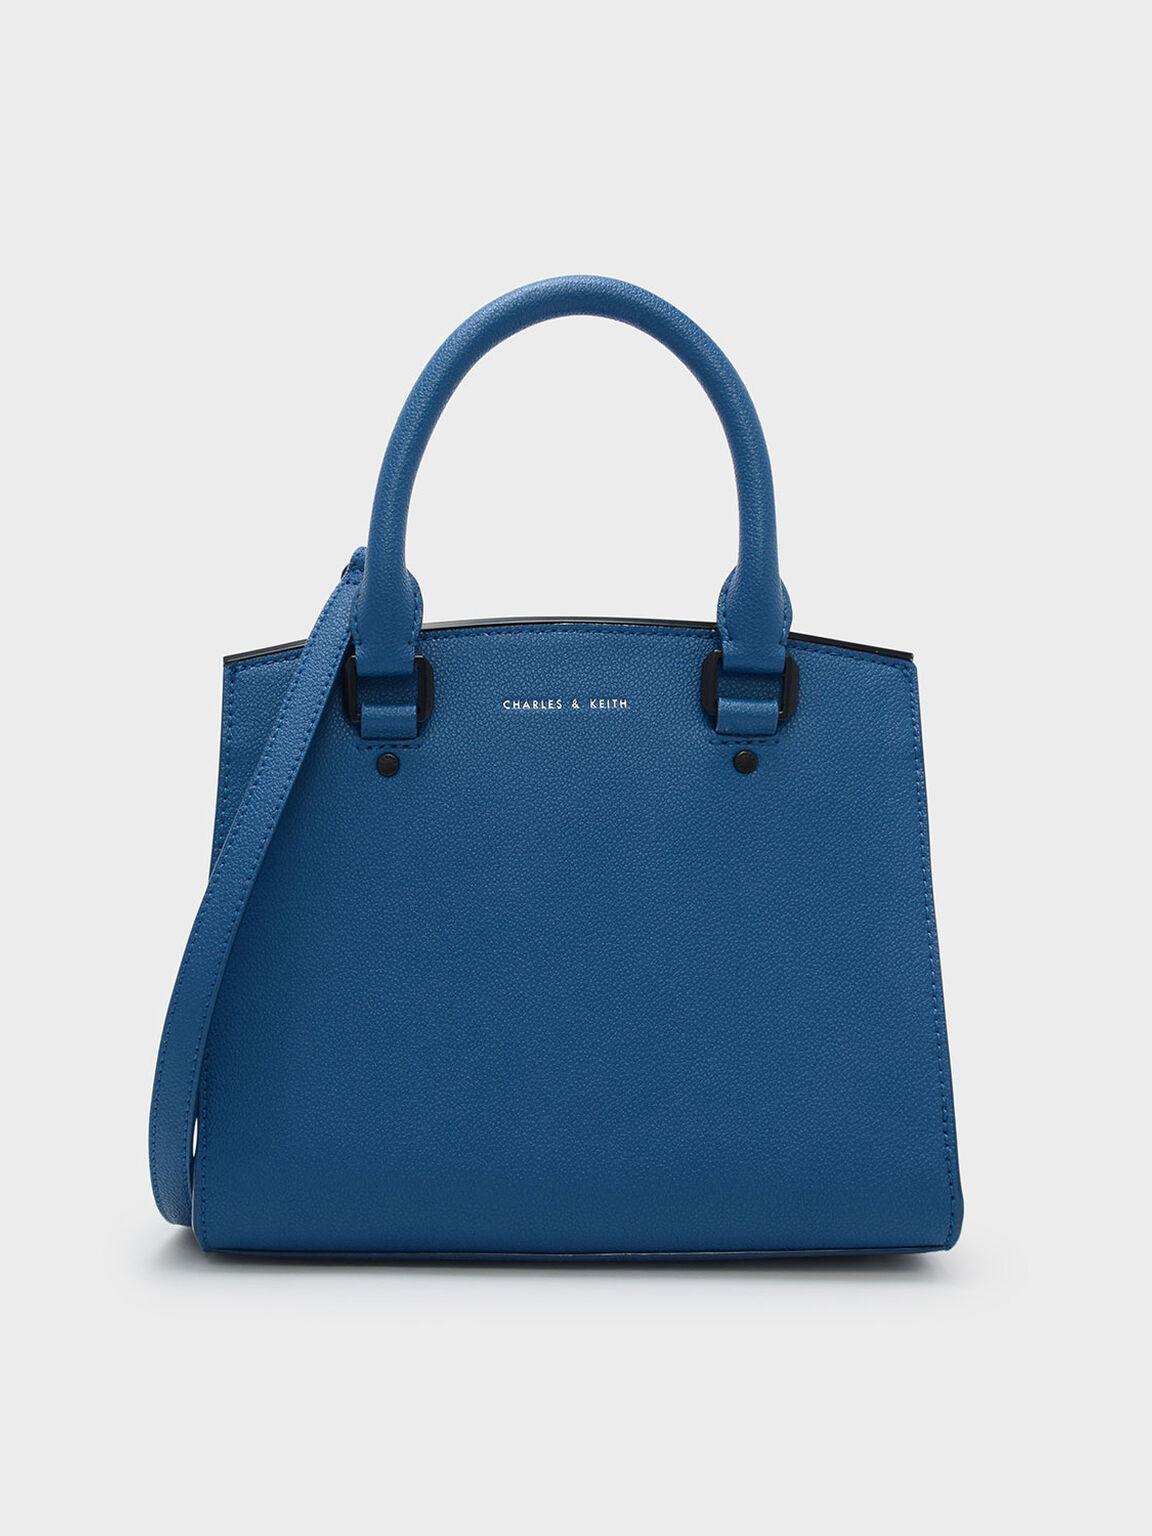 Classic Structured Handbag, Blue, hi-res